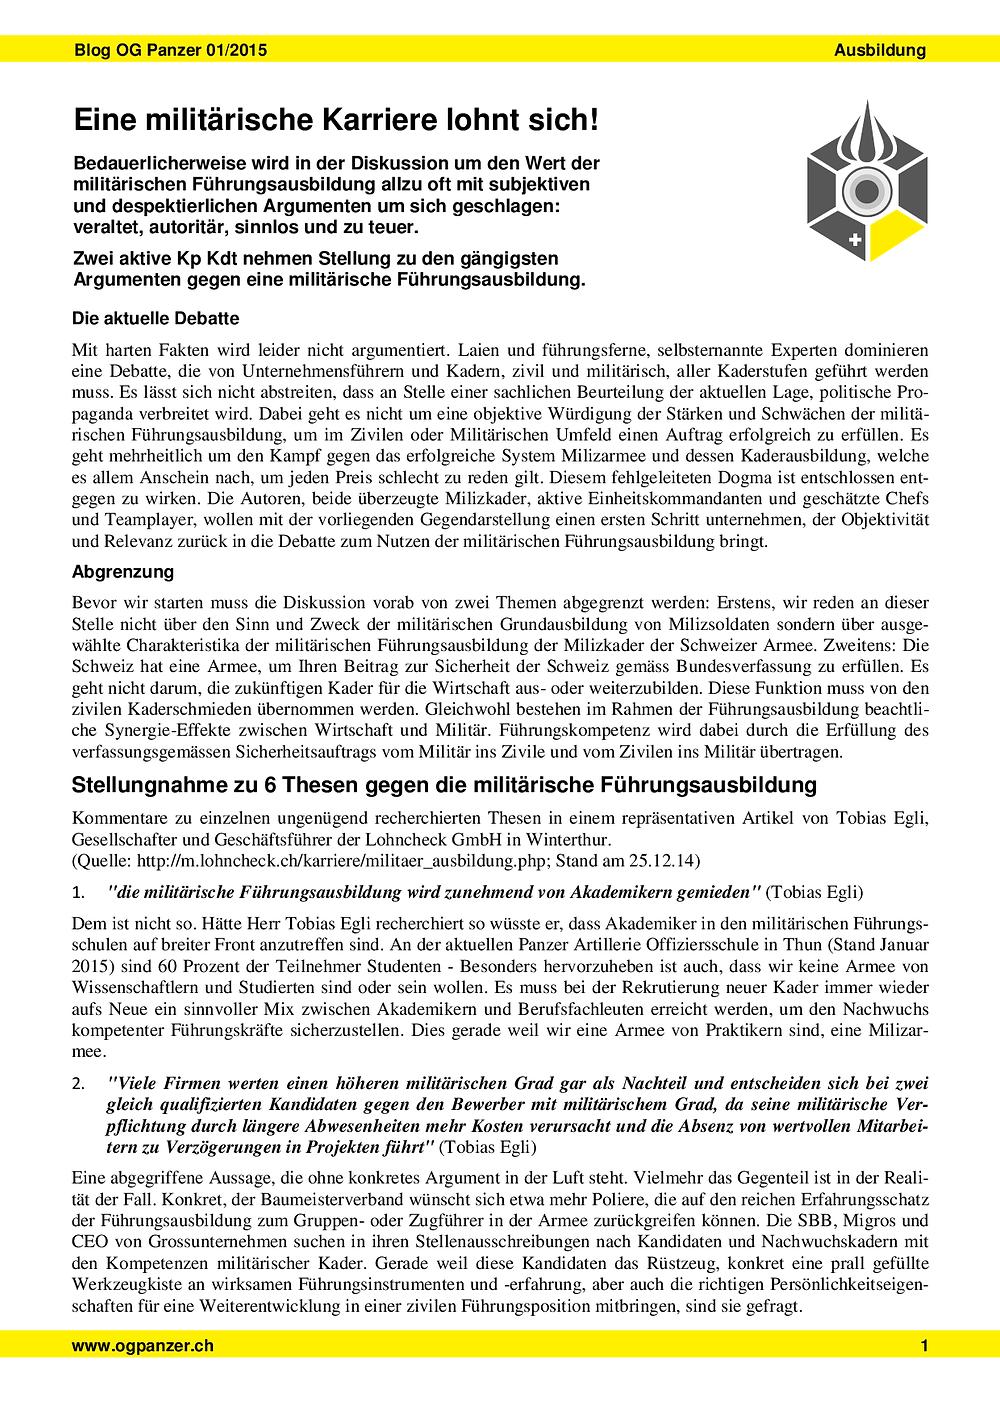 Blog_01_2015_Militärische_Führungsausbildung.png